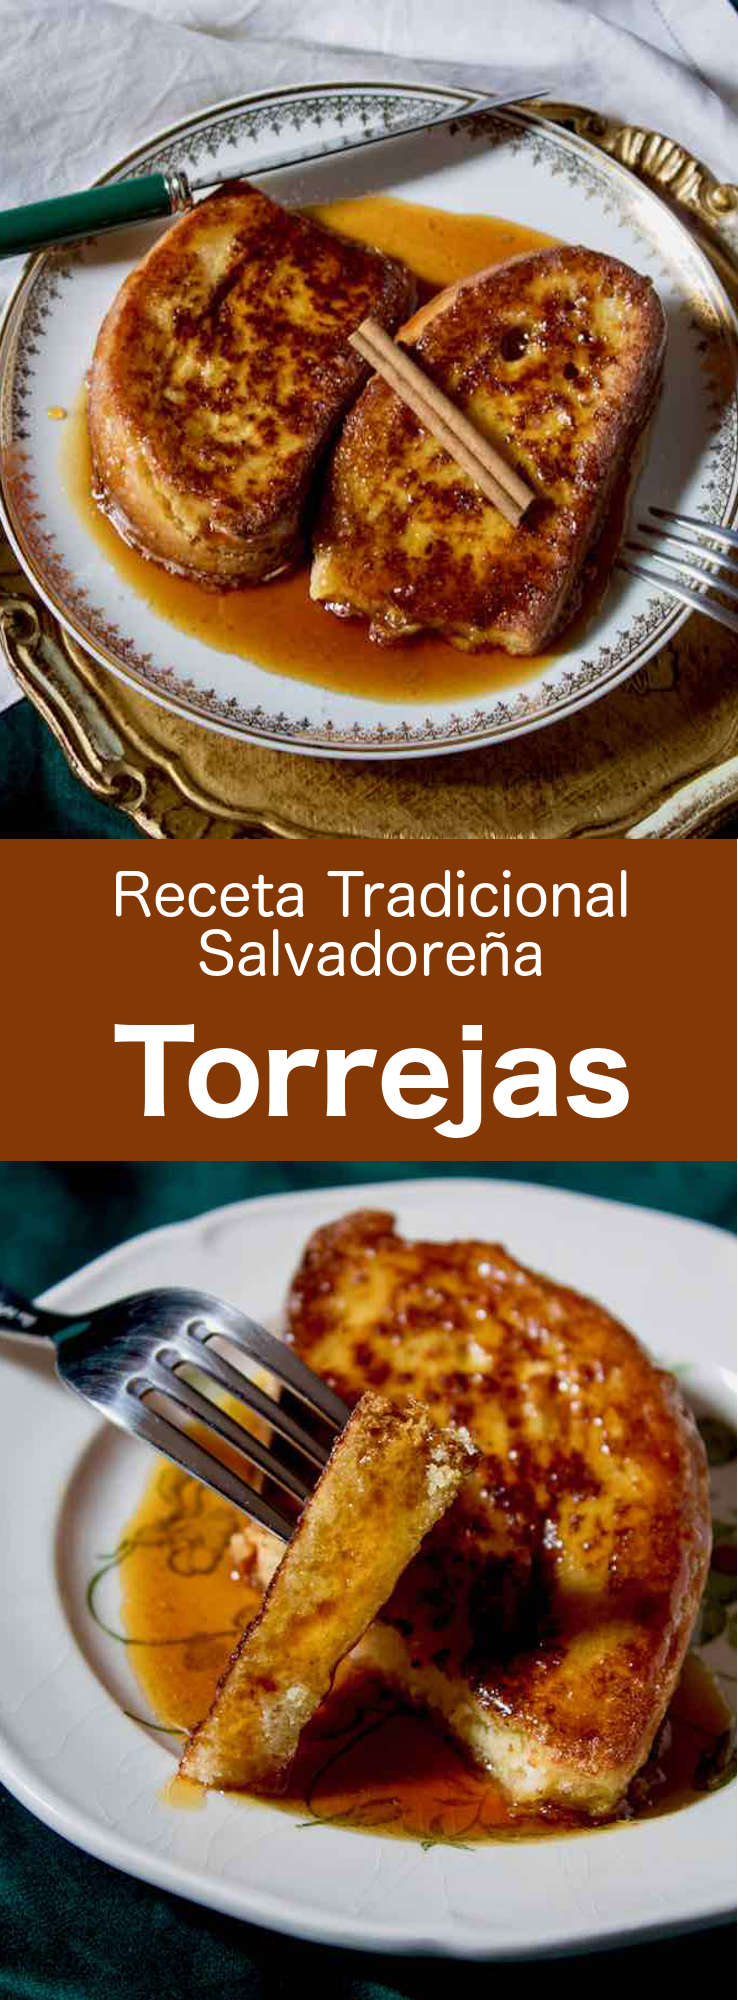 Las torrejas son la deliciosa versión latinoamericana de la tostada francesa. Tradicionalmente, se sirven con sirope de panela y varias especias.